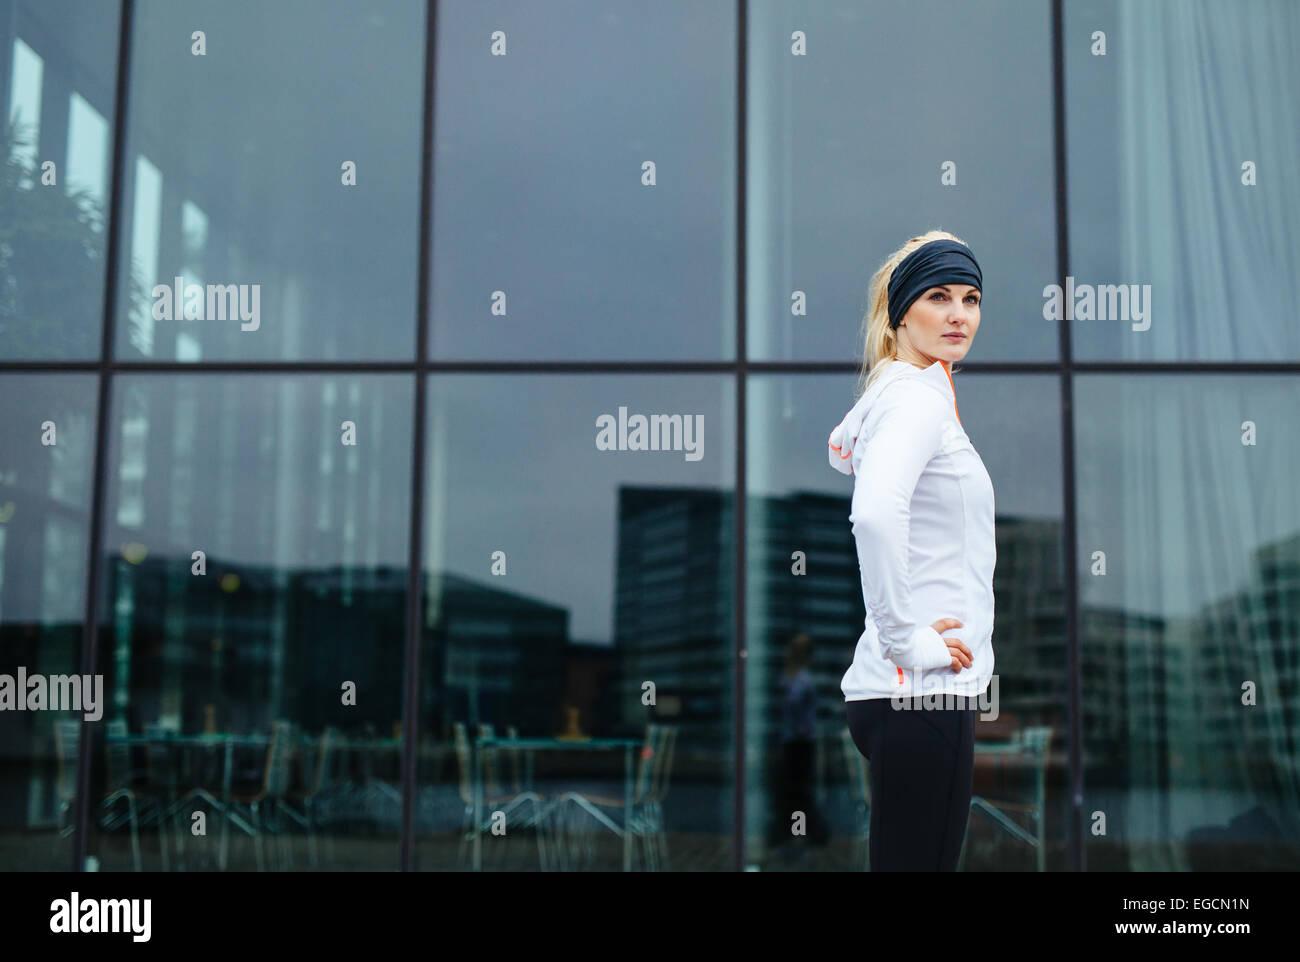 Ritratto di fiducioso giovane donna in piedi con le mani sui fianchi guardando la fotocamera. Modello di fitness Immagini Stock